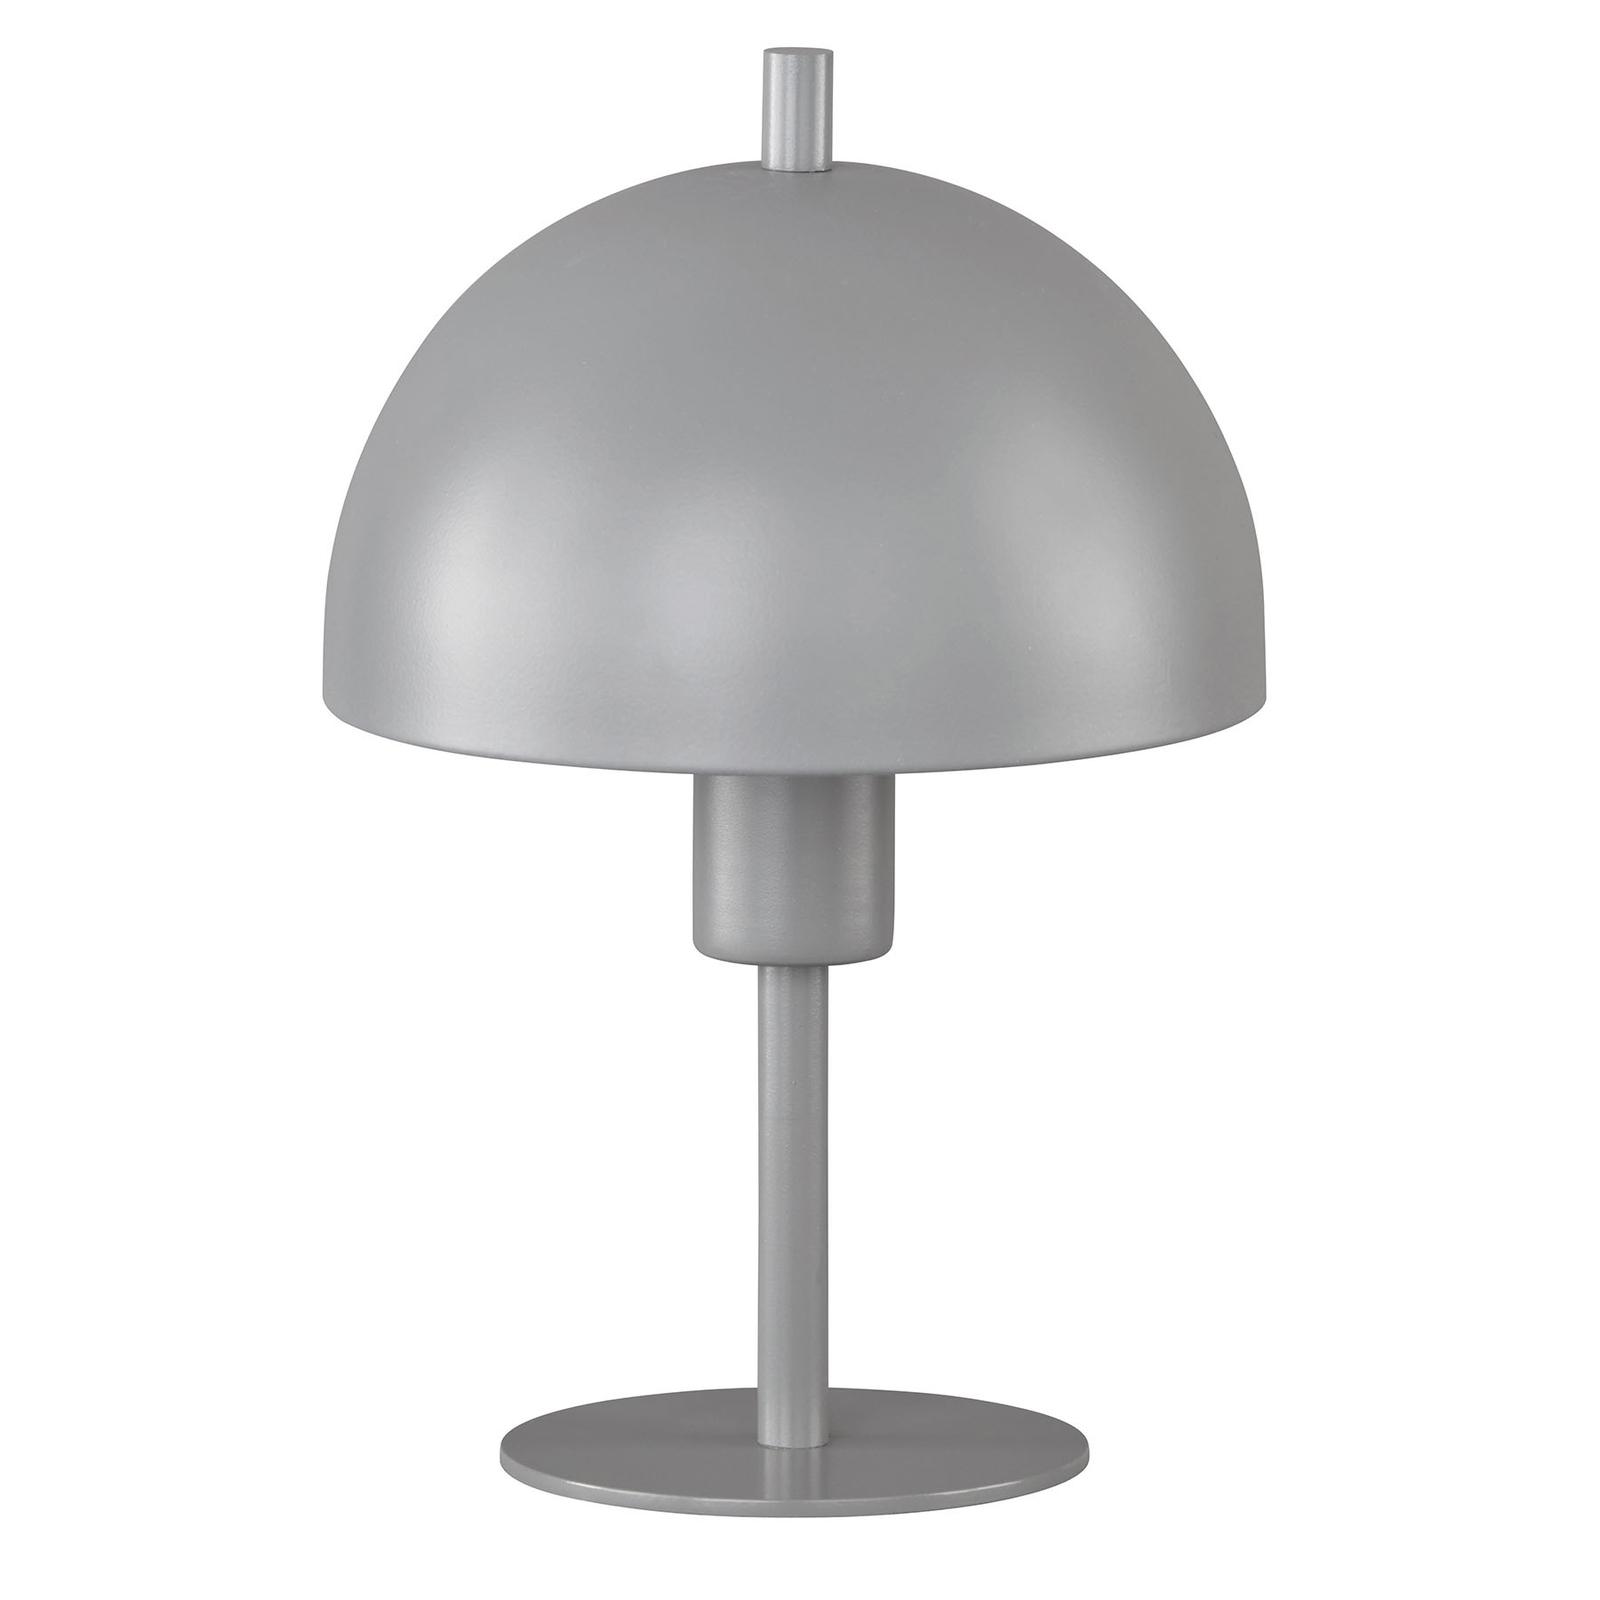 Schöner Wohnen Kia Tischleuchte grau Höhe 24 cm